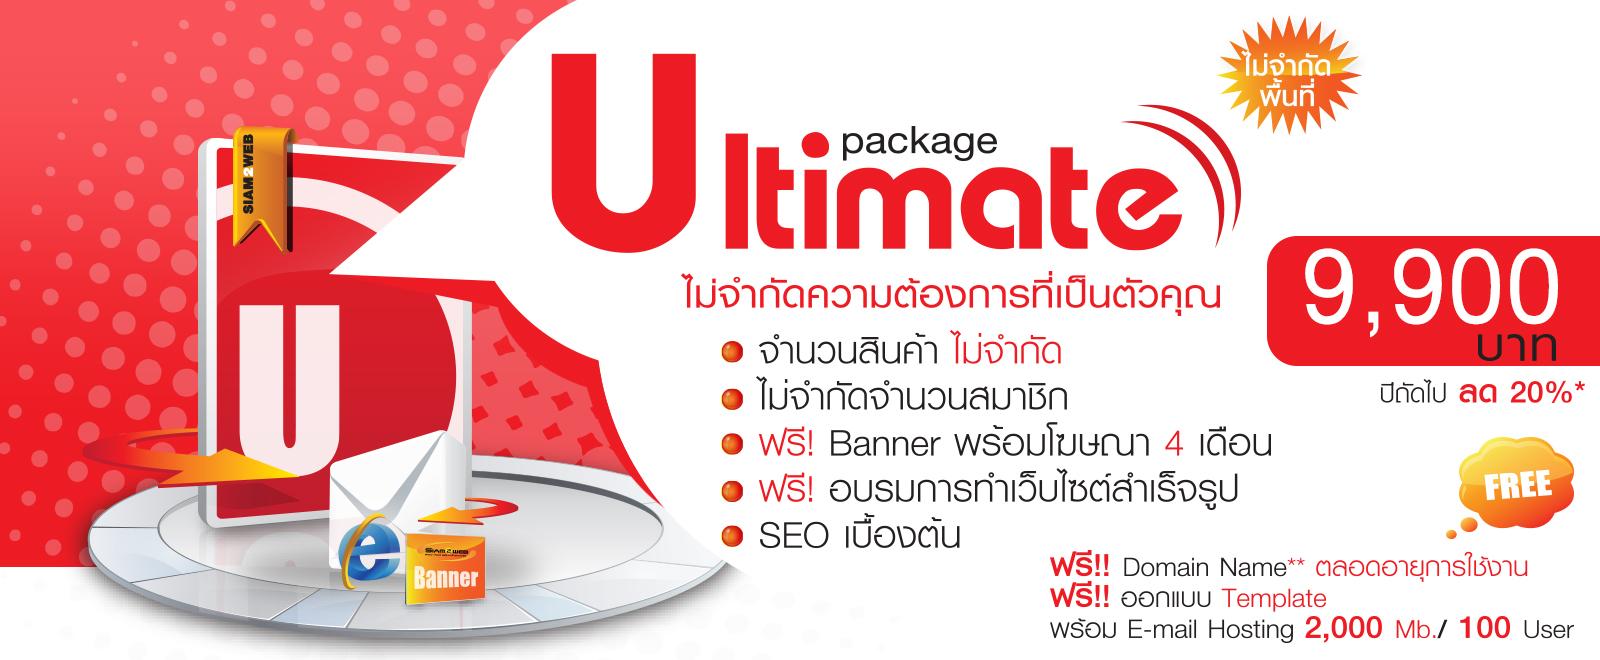 เว็บไซต์สำเร็จรูป Ultimate Package